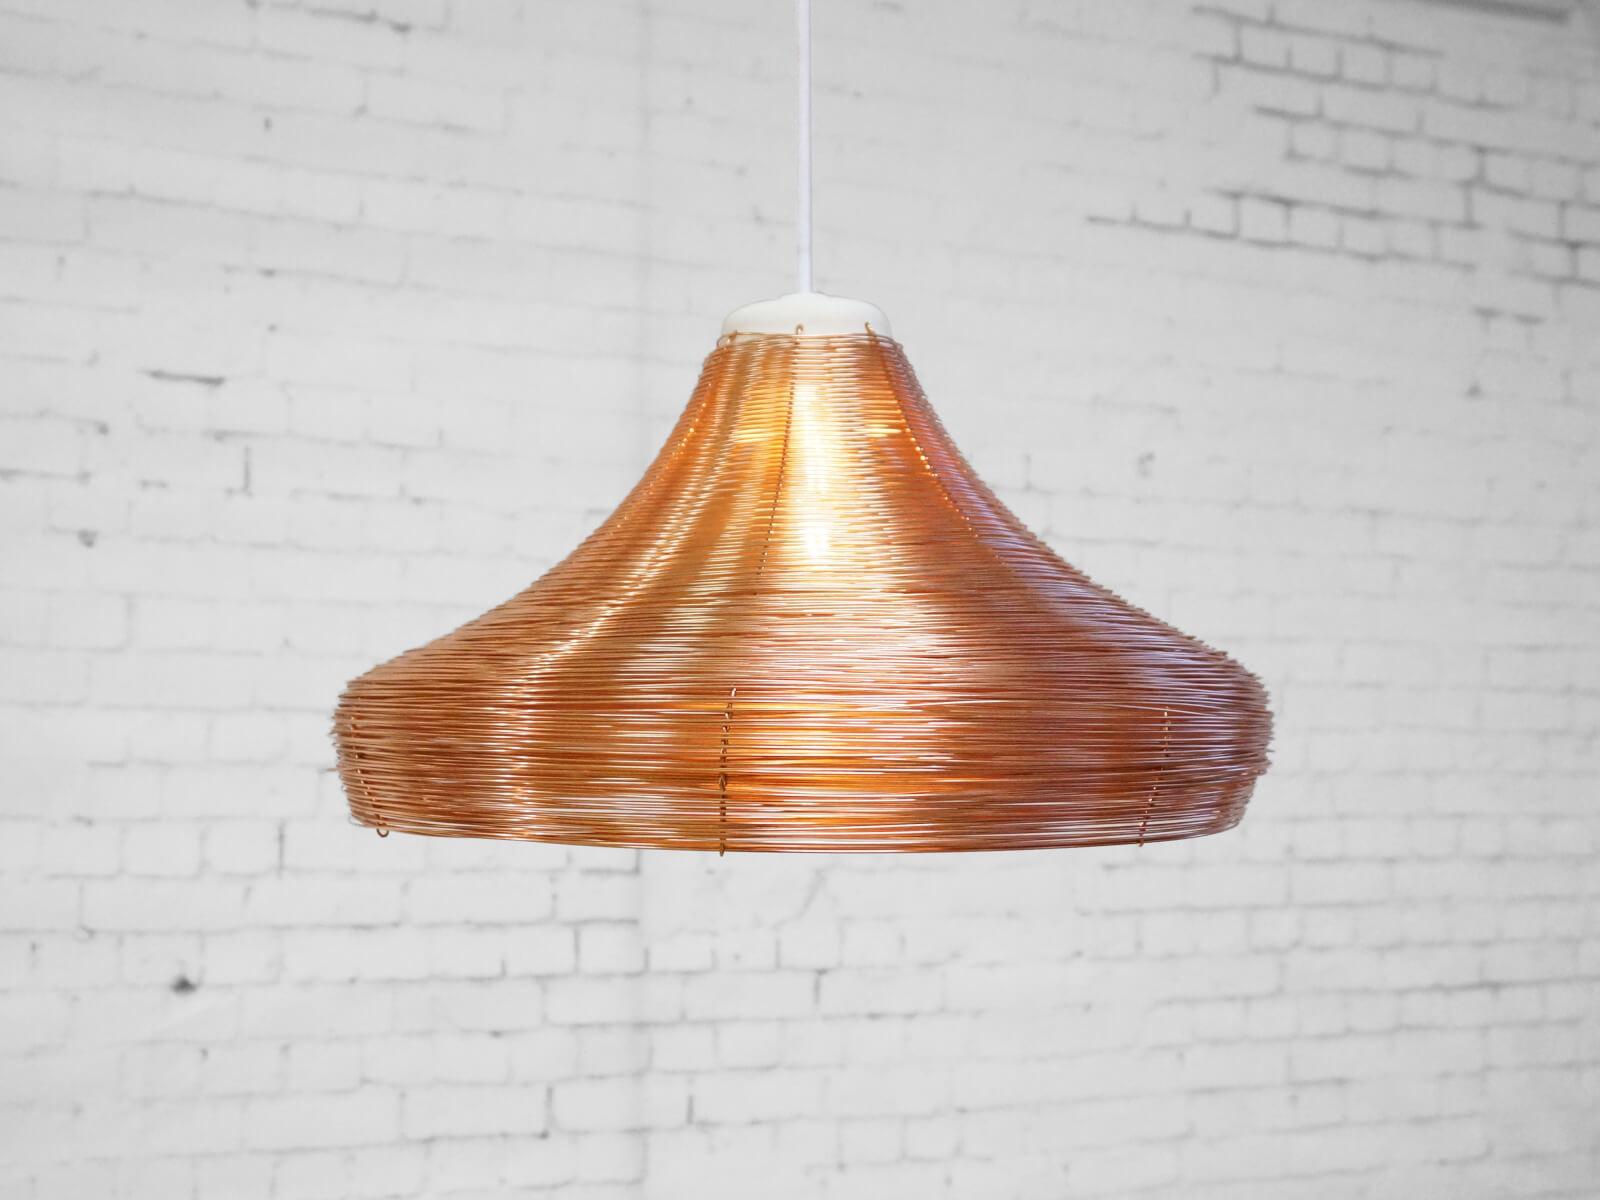 copper lighting fixture. Simple Fixture Throughout Copper Lighting Fixture N